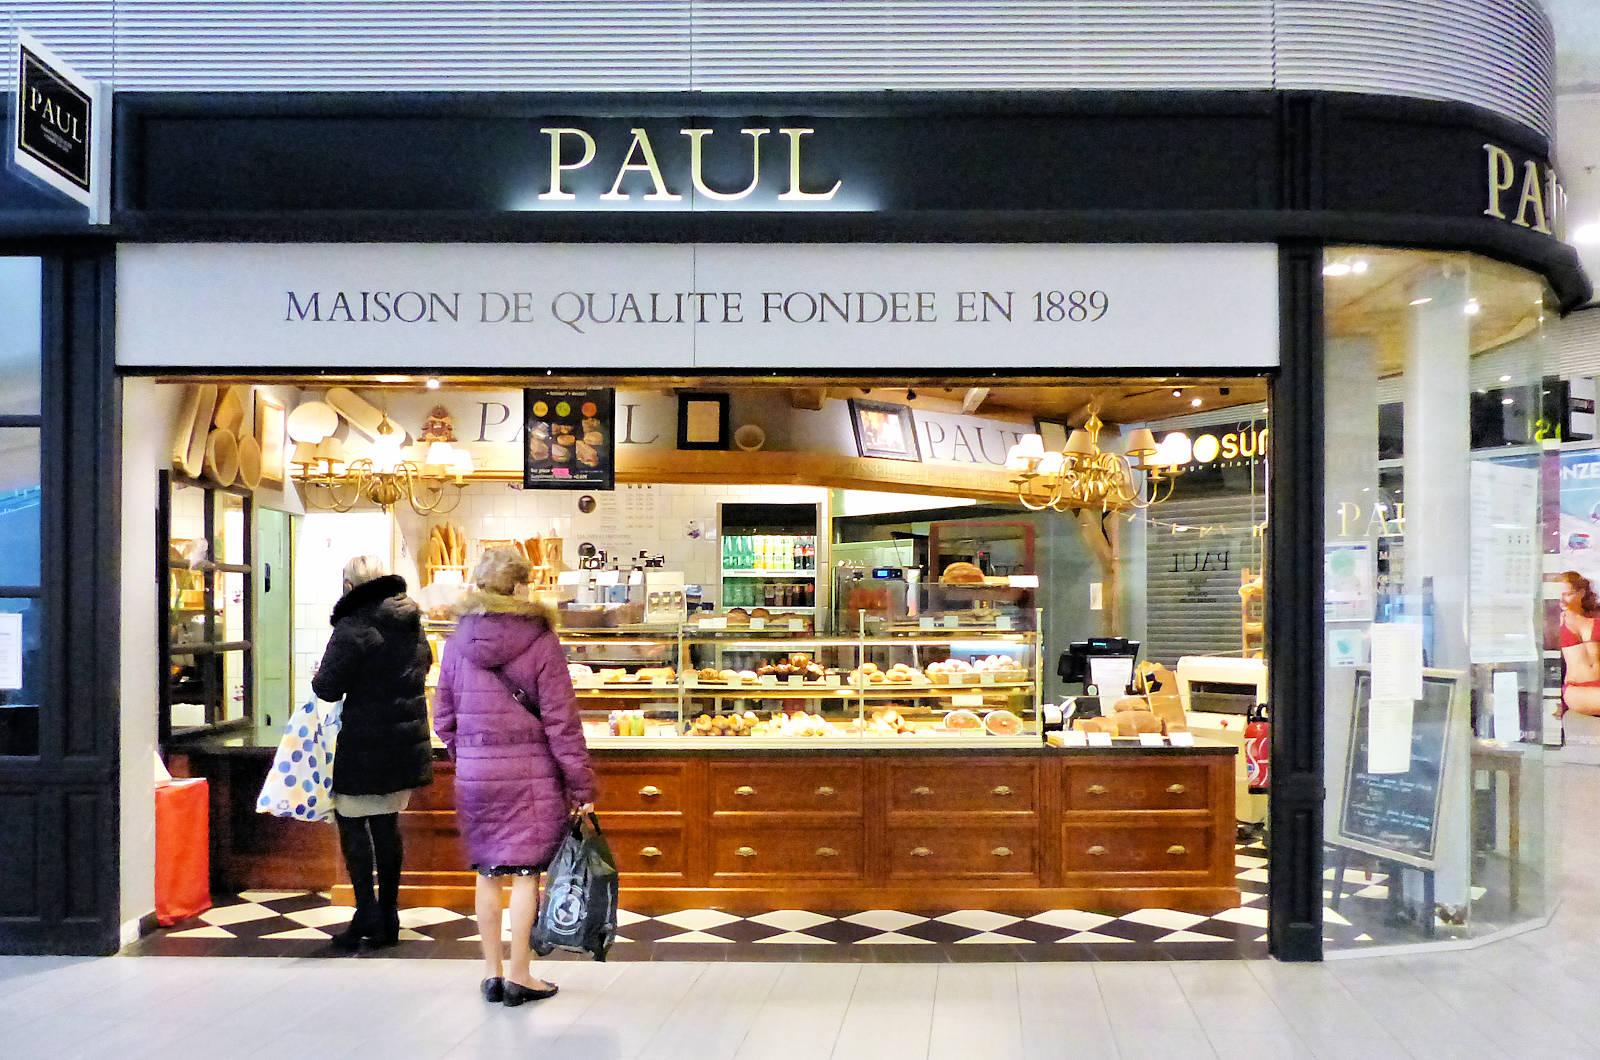 Boulangerie Paul - Centre Commercial Saint-Christophe, Tourcoing